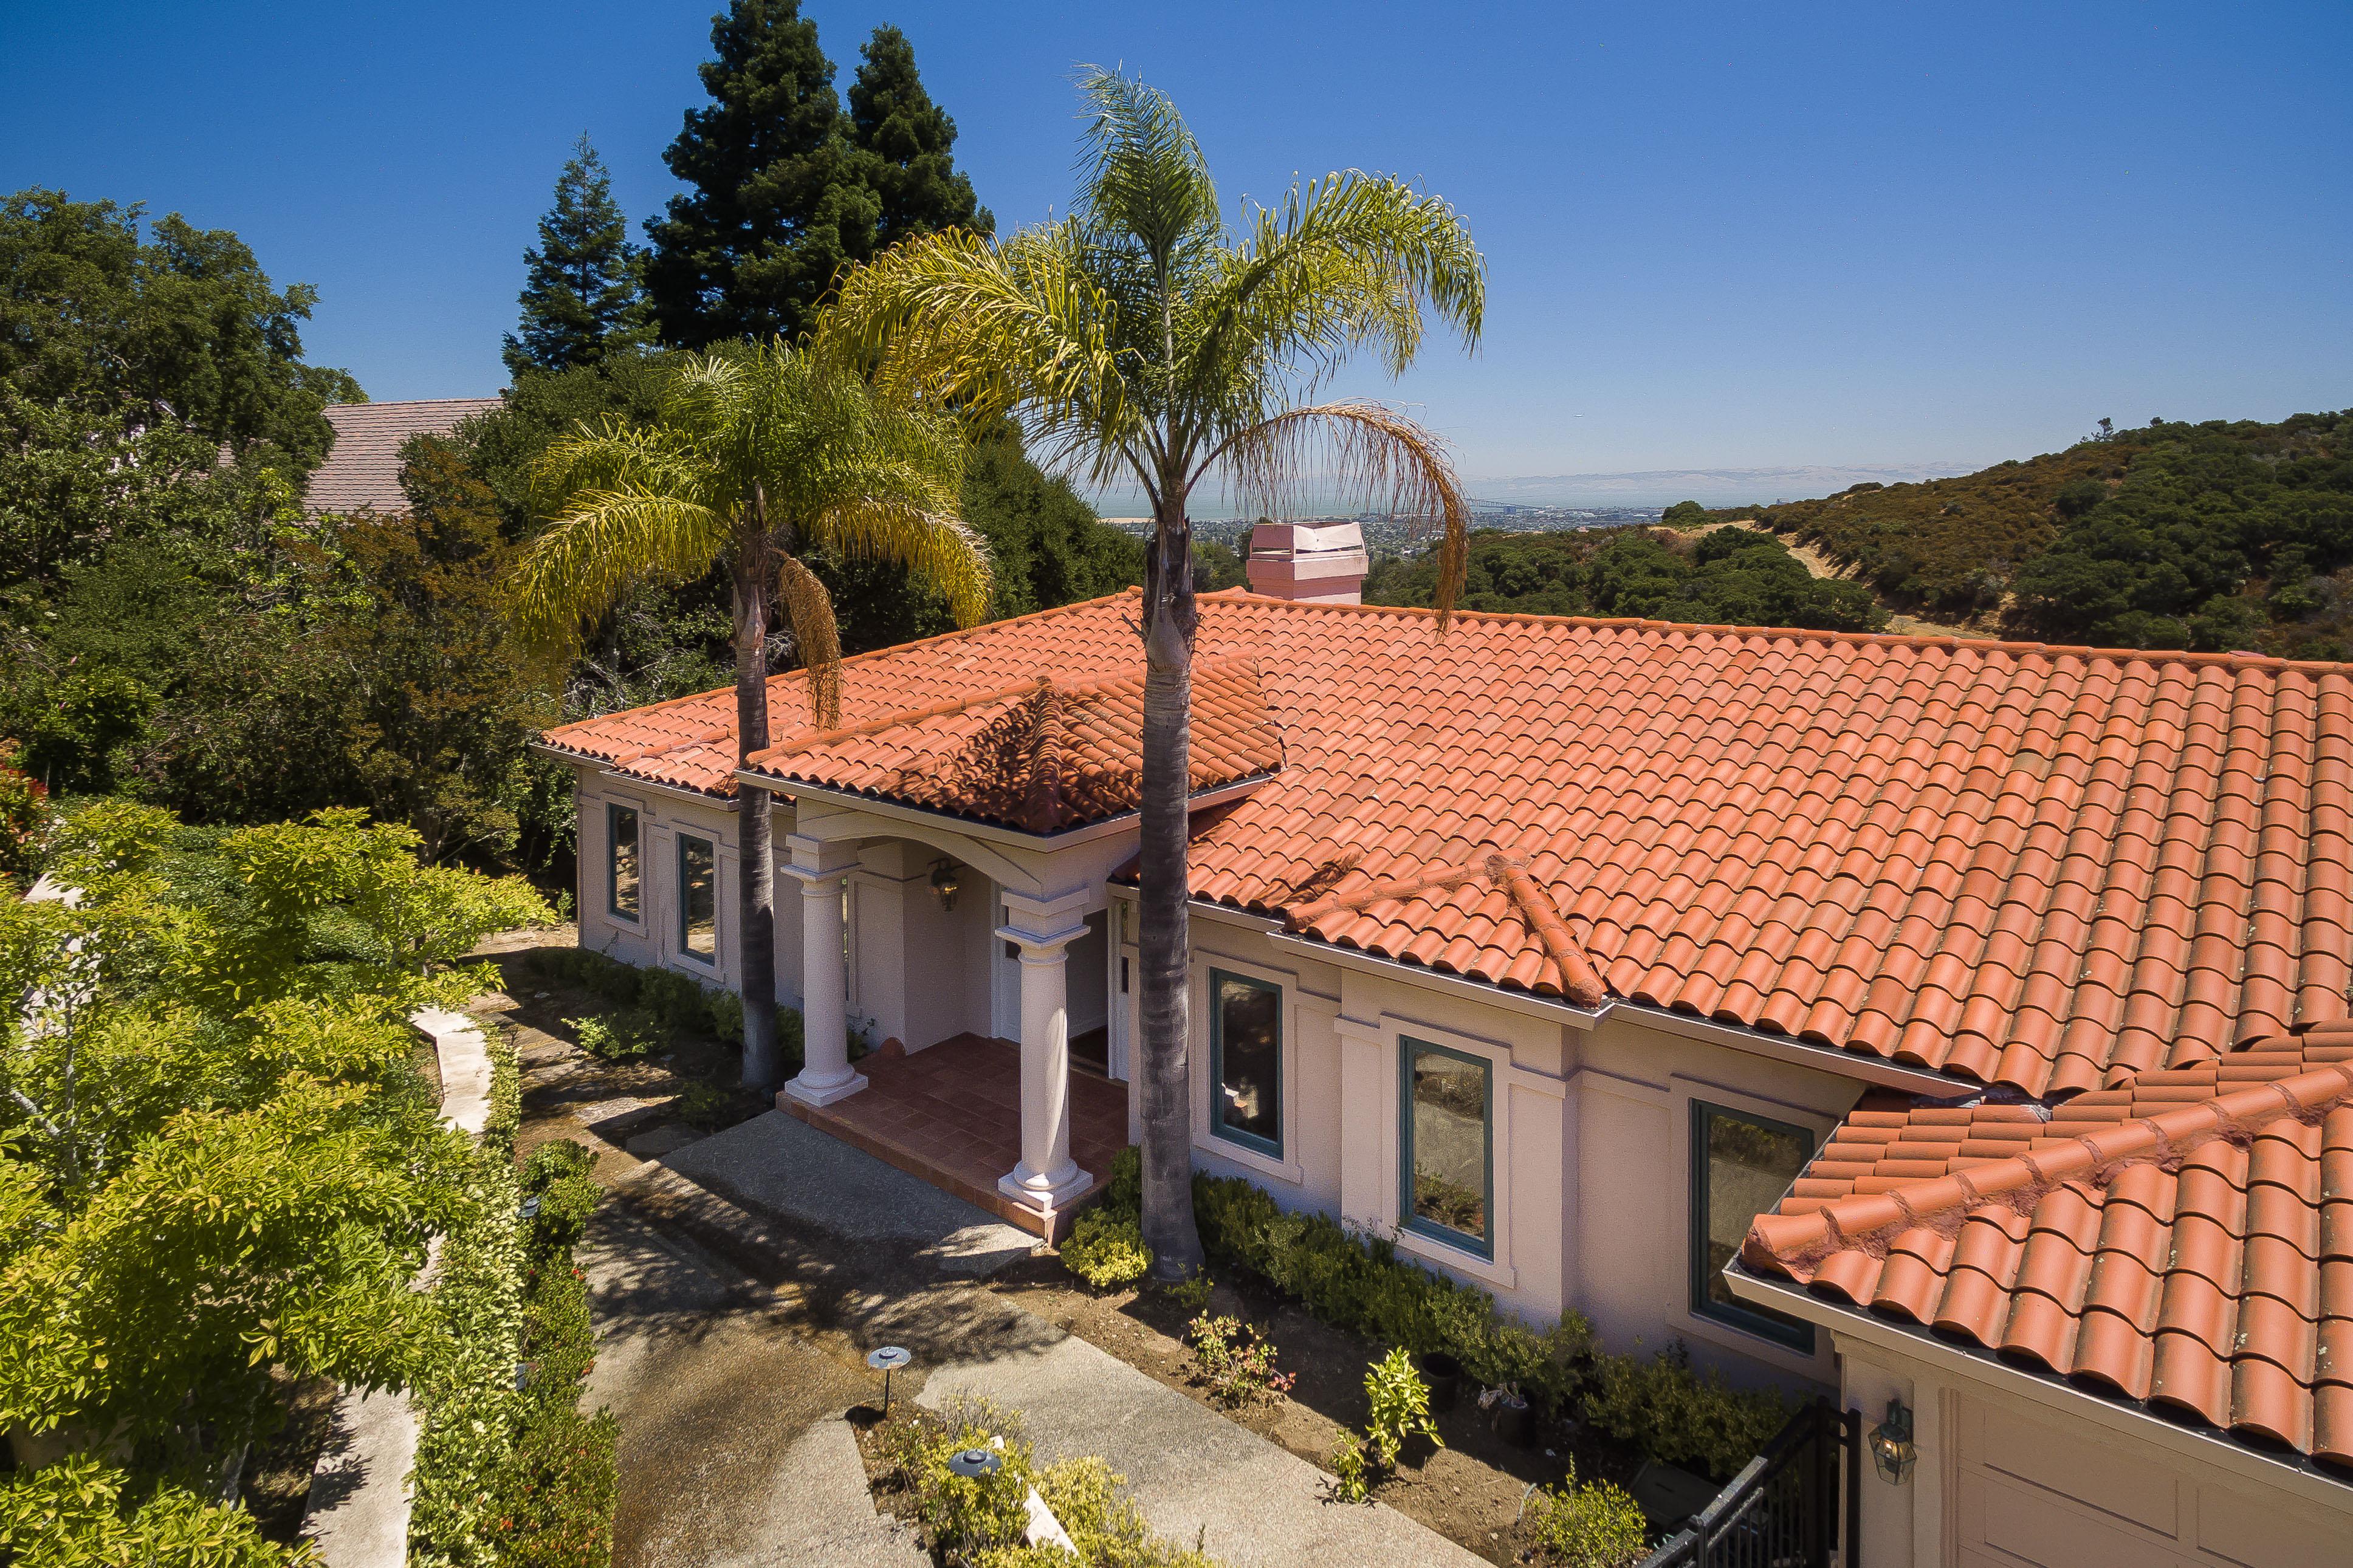 35 Sugar Hill Dr, Hillsborough, CA 94010